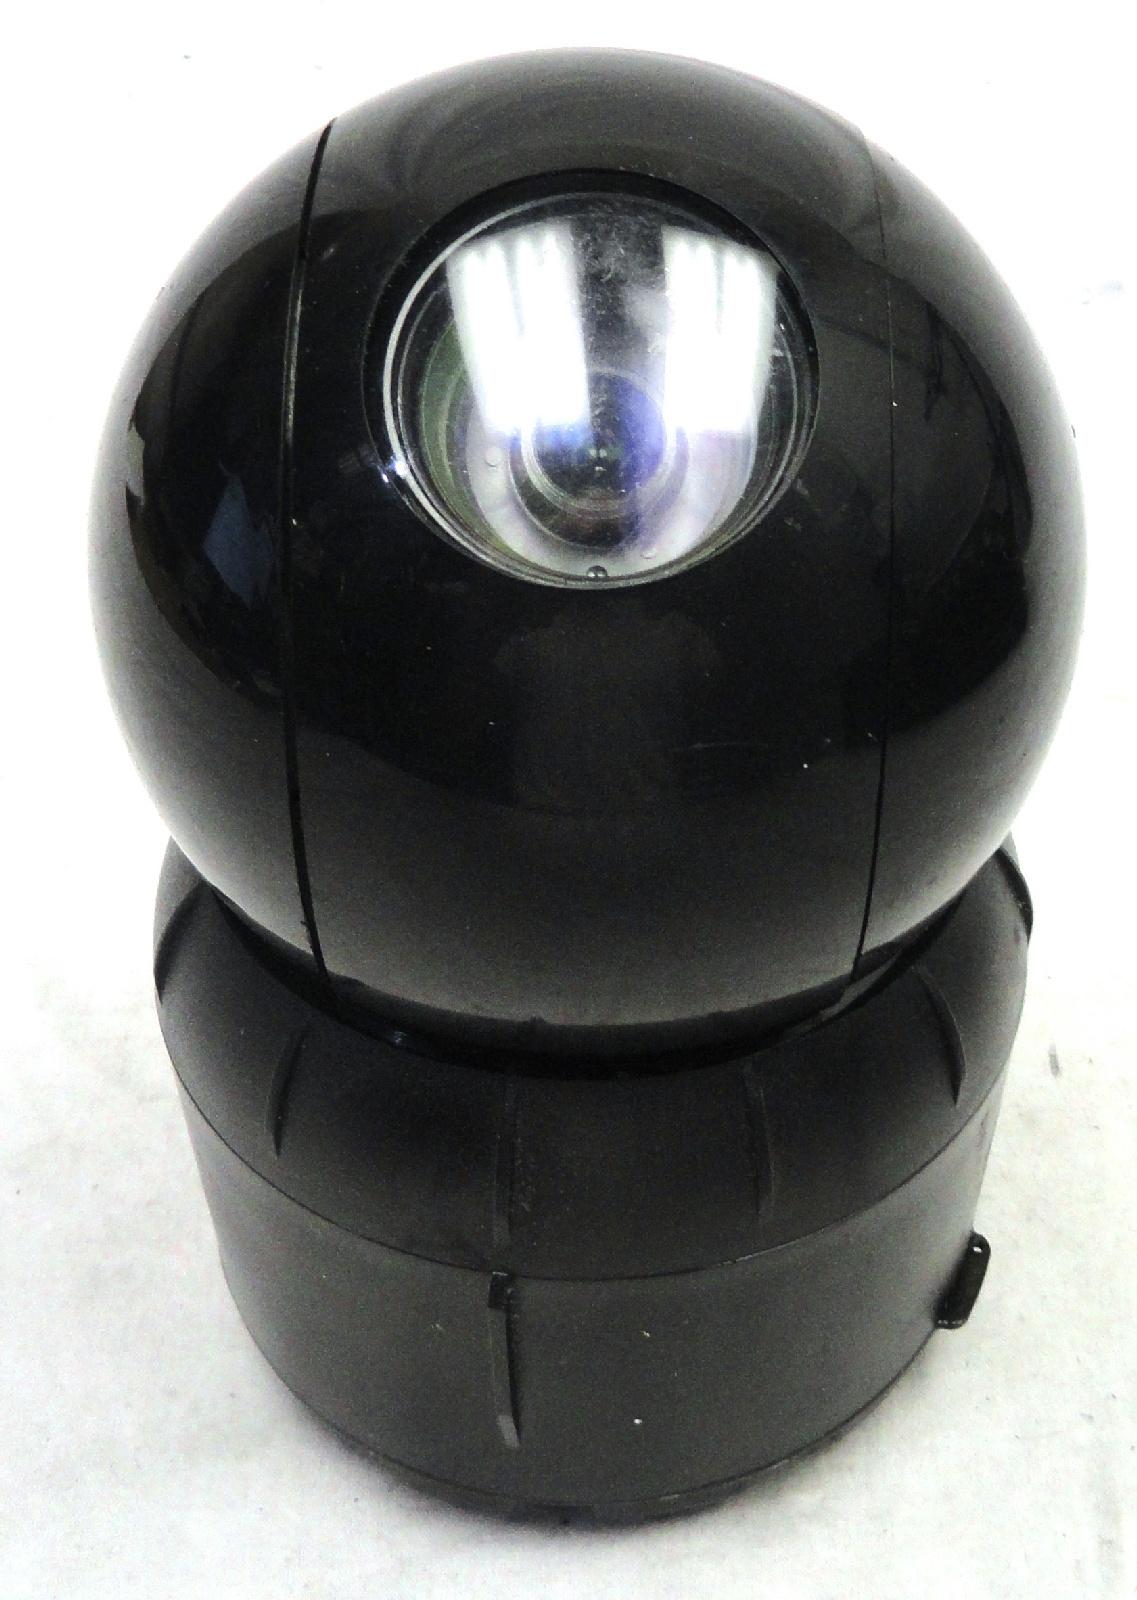 normal pan tilt zoom camera car interior design. Black Bedroom Furniture Sets. Home Design Ideas